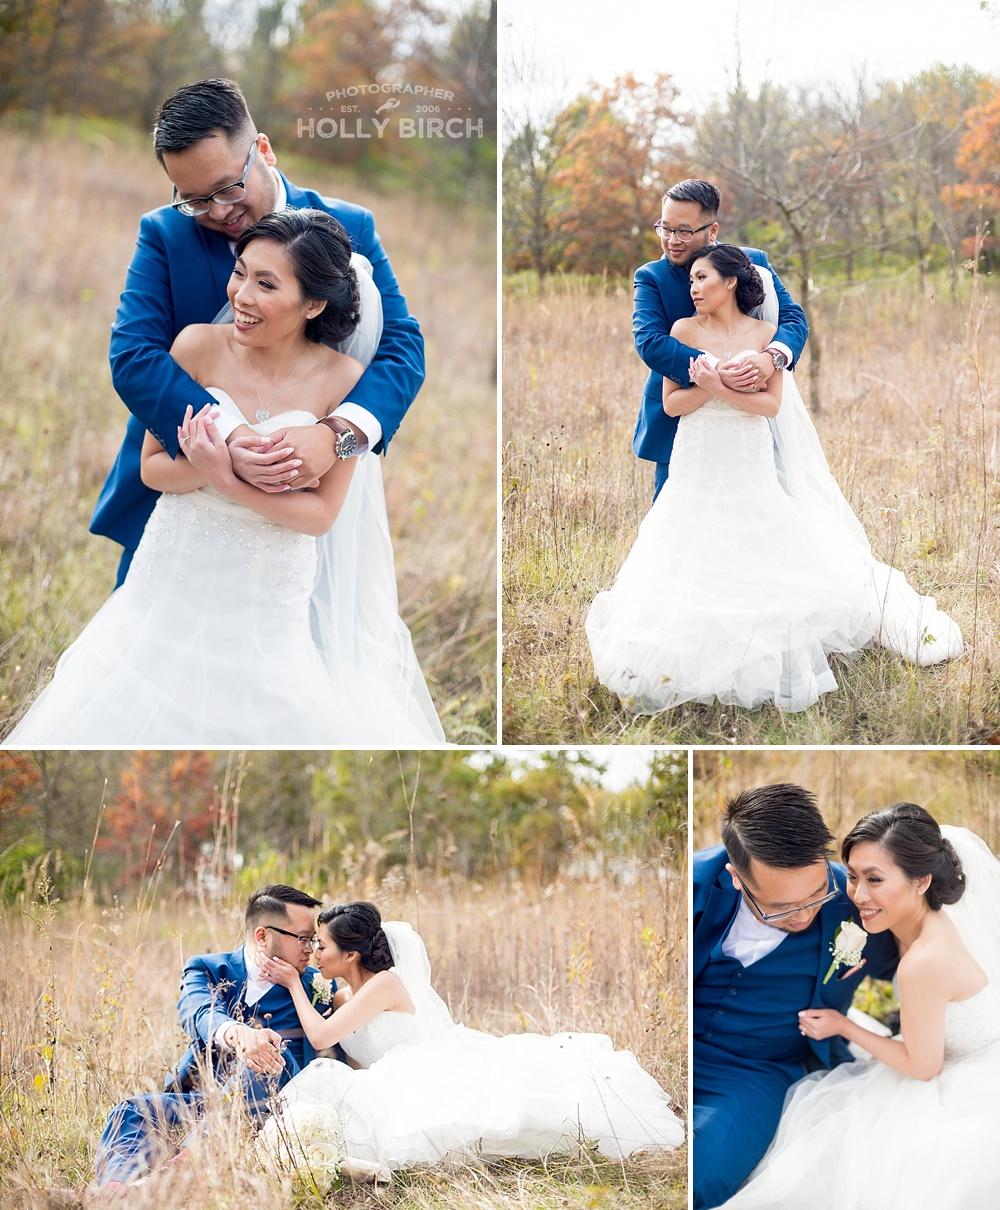 Buffalo-Grove-IL-Chicago-suburbs-wedding-Astoria-ballroom_3042.jpg